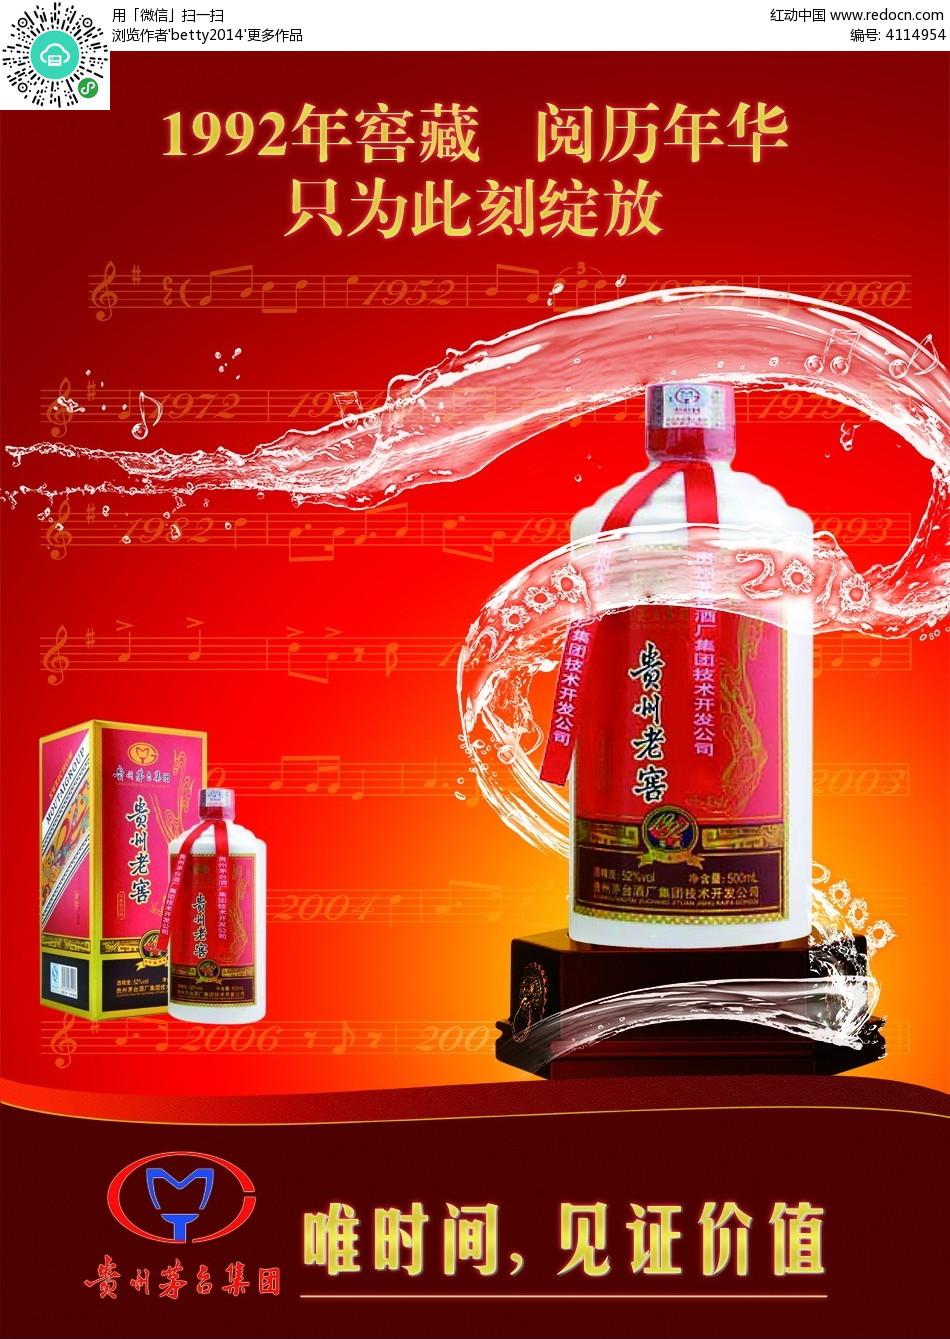 茅台酒背景图片_贵州茅台酒红色海报PSD素材免费下载_红动网